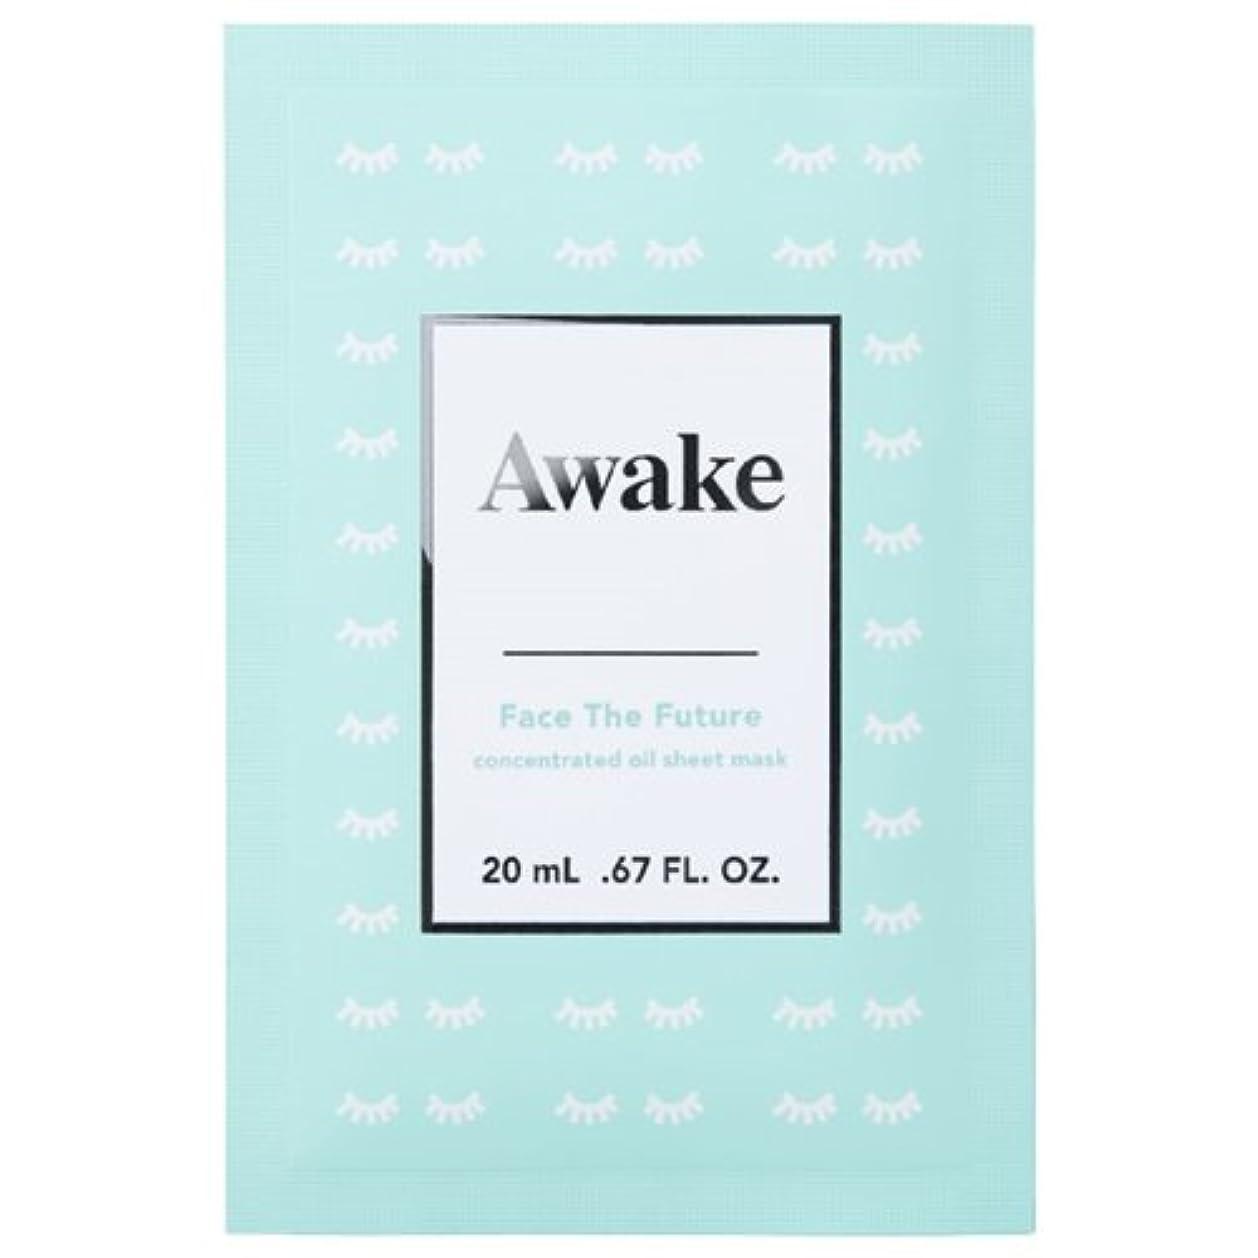 ジャグリングヒゲクジラ振るうアウェイク(AWAKE) Awake(アウェイク) フェイスザフューチャー コンセントレイティッド オイルシートマスク (20mL × 6枚入)